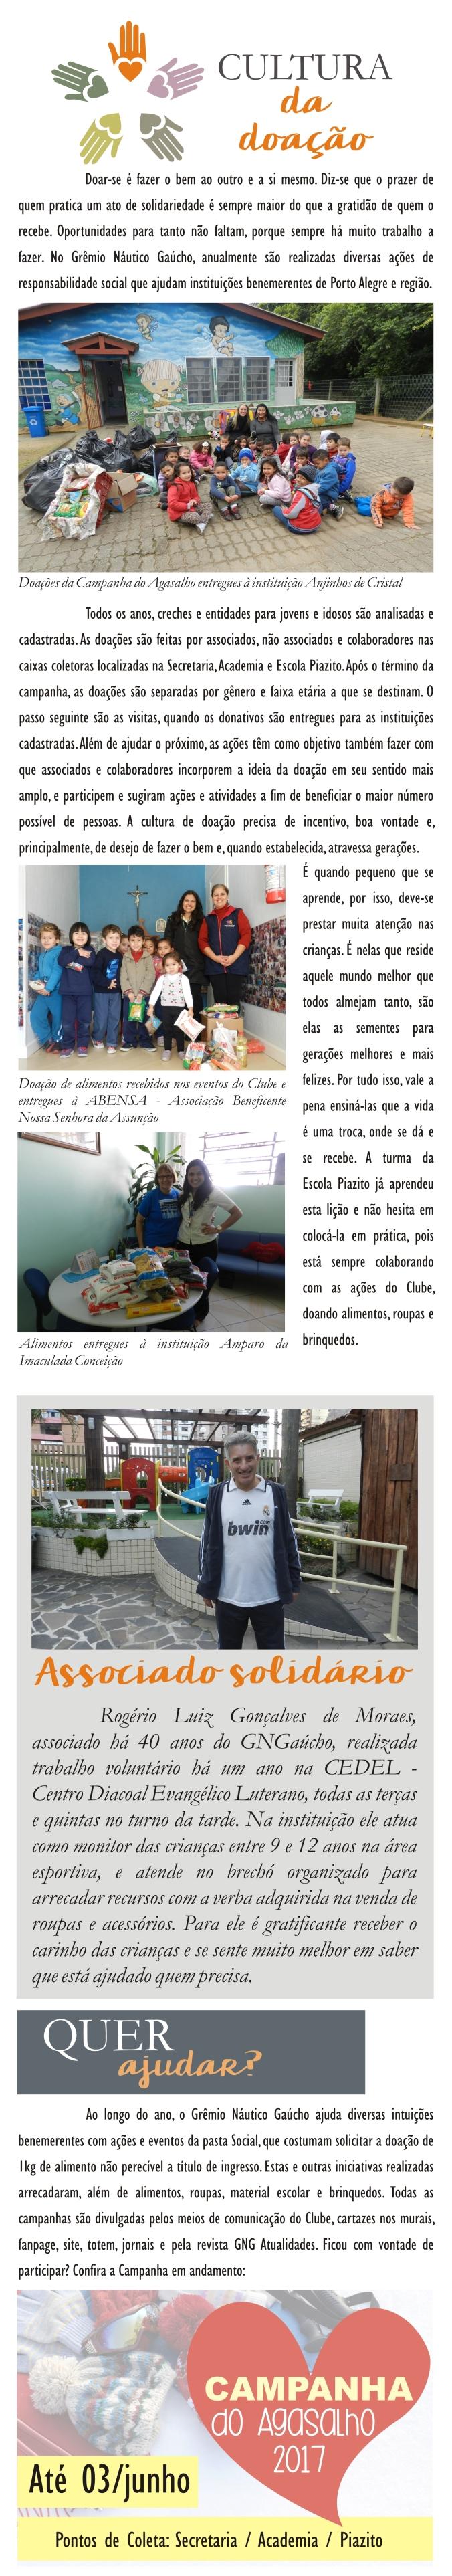 Infográfico_Cultura_da_Doação